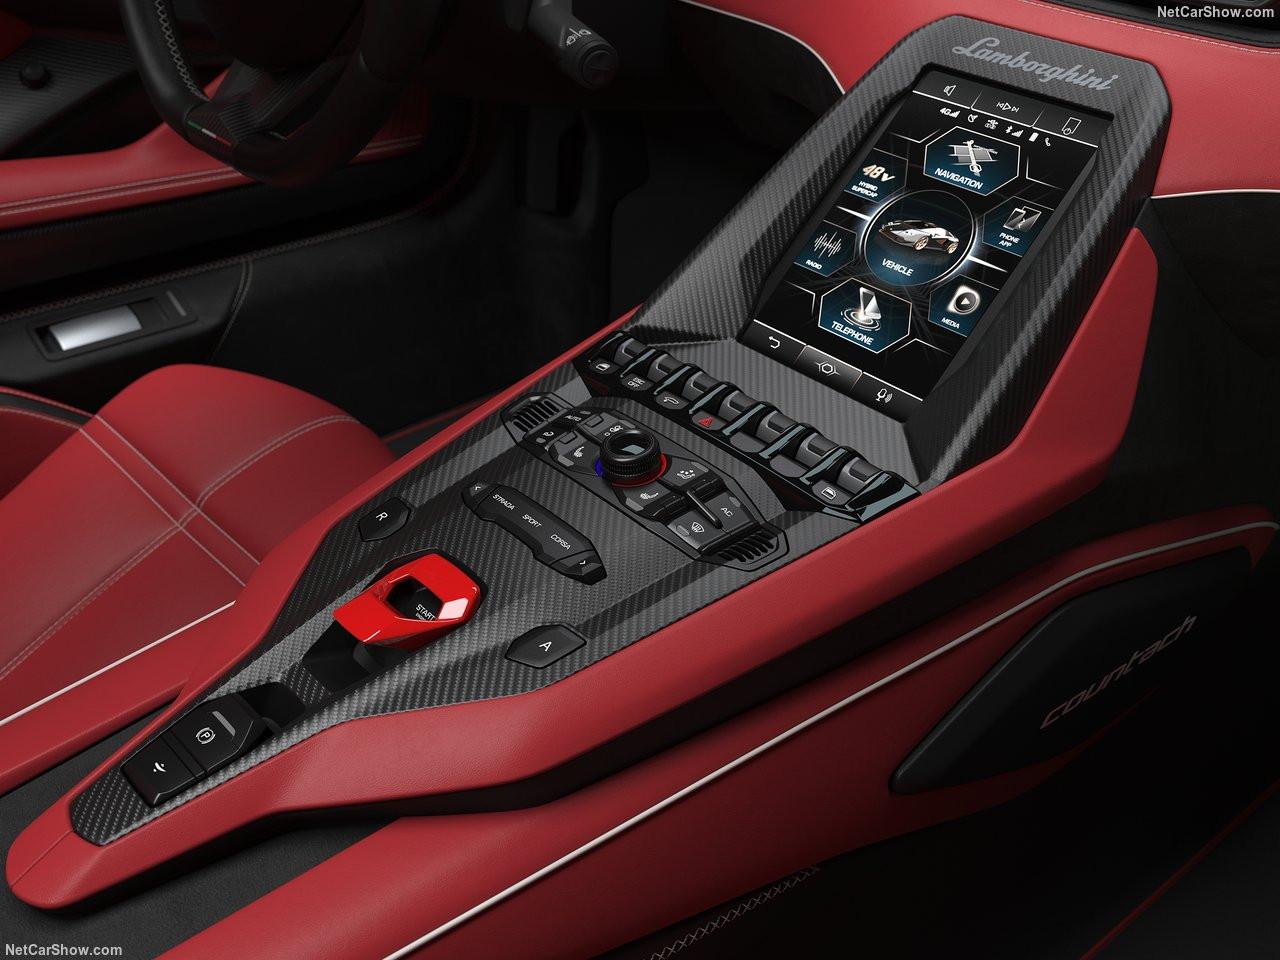 Lamborghini-Countach_LPI_800-4-2022-1280-2b.jpg